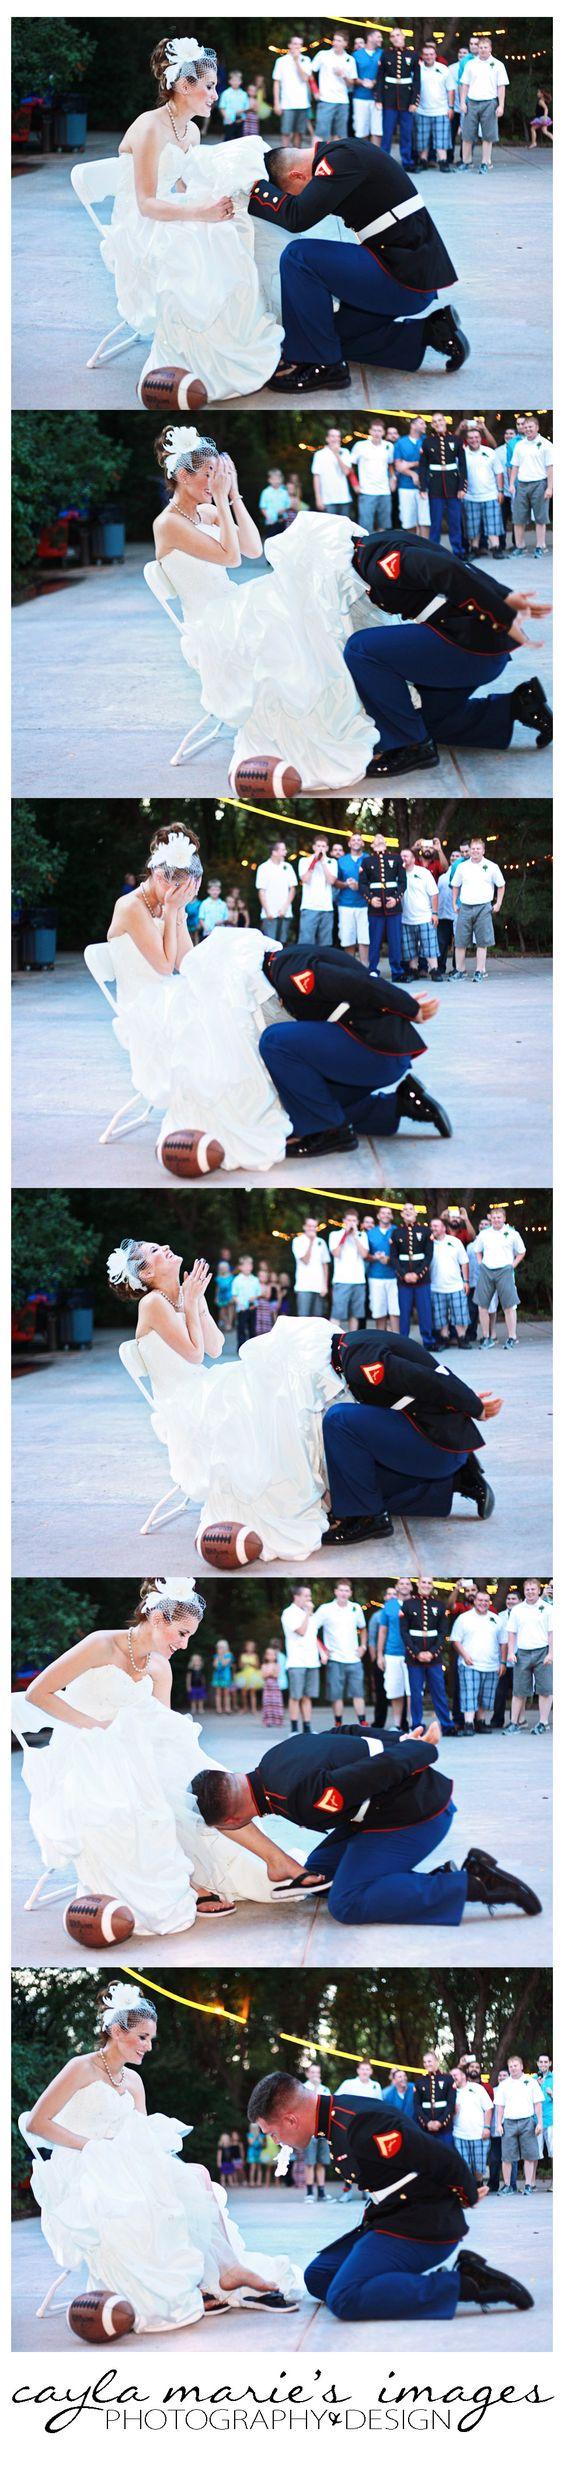 Cayla Marie's Images caylamariesimages.wordpress.com Garter Toss, Football Garter Toss, Marine Wedding, Outdoor Wedding, Laughing, Wedding Dress